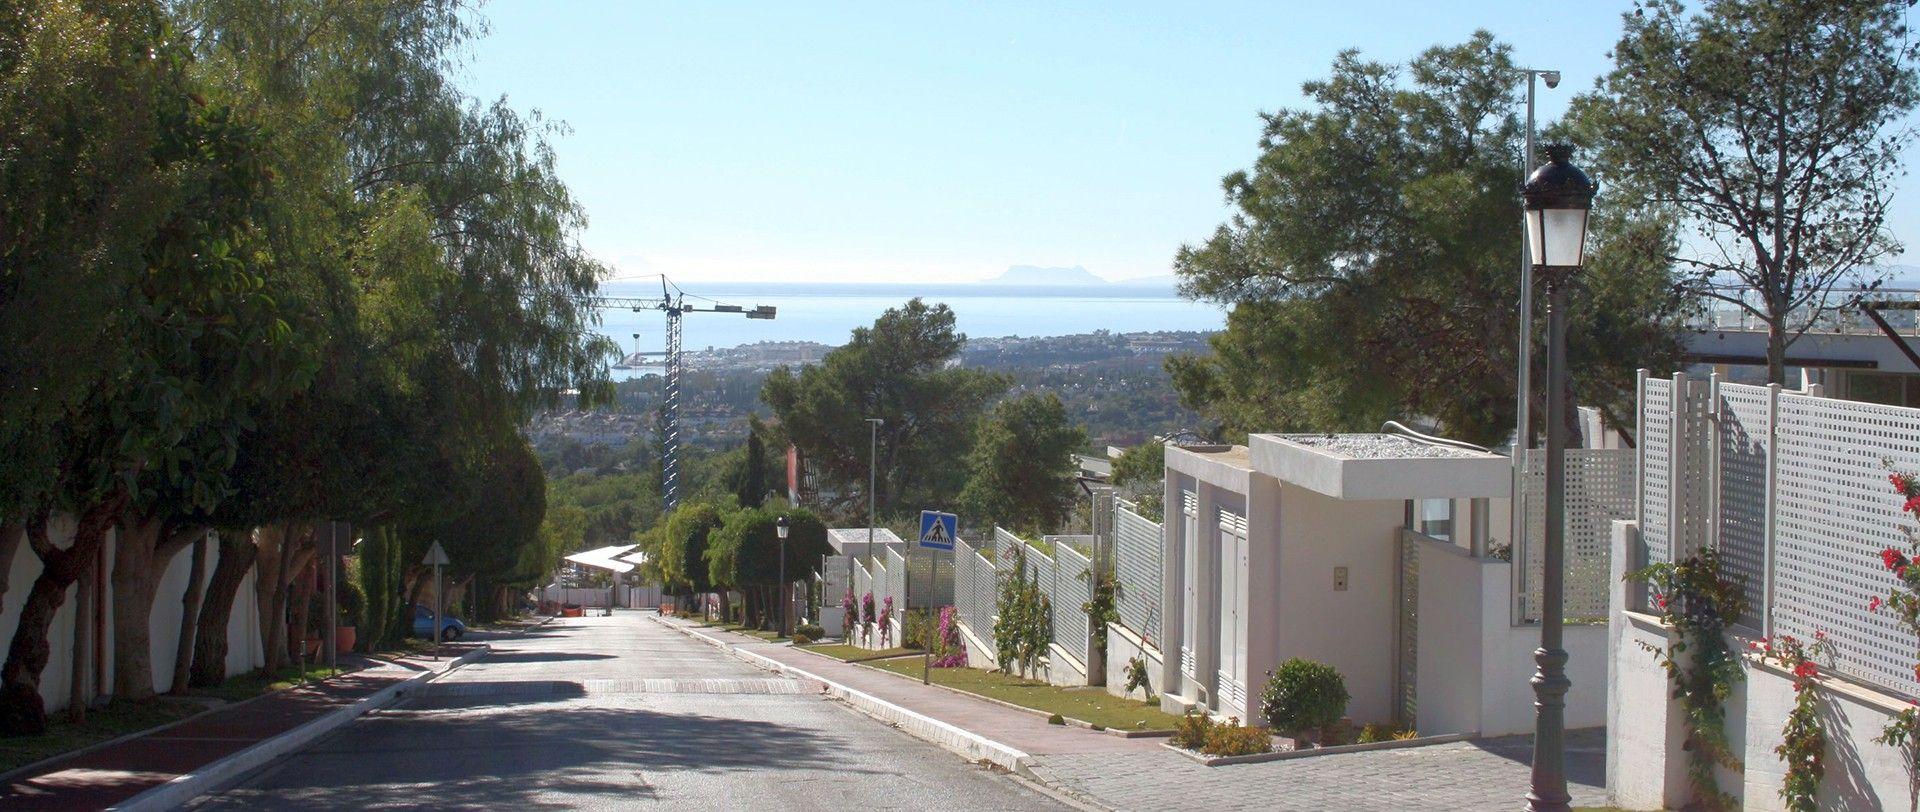 Sierra Blanca, Camojan, Altos Reales, Hill Club